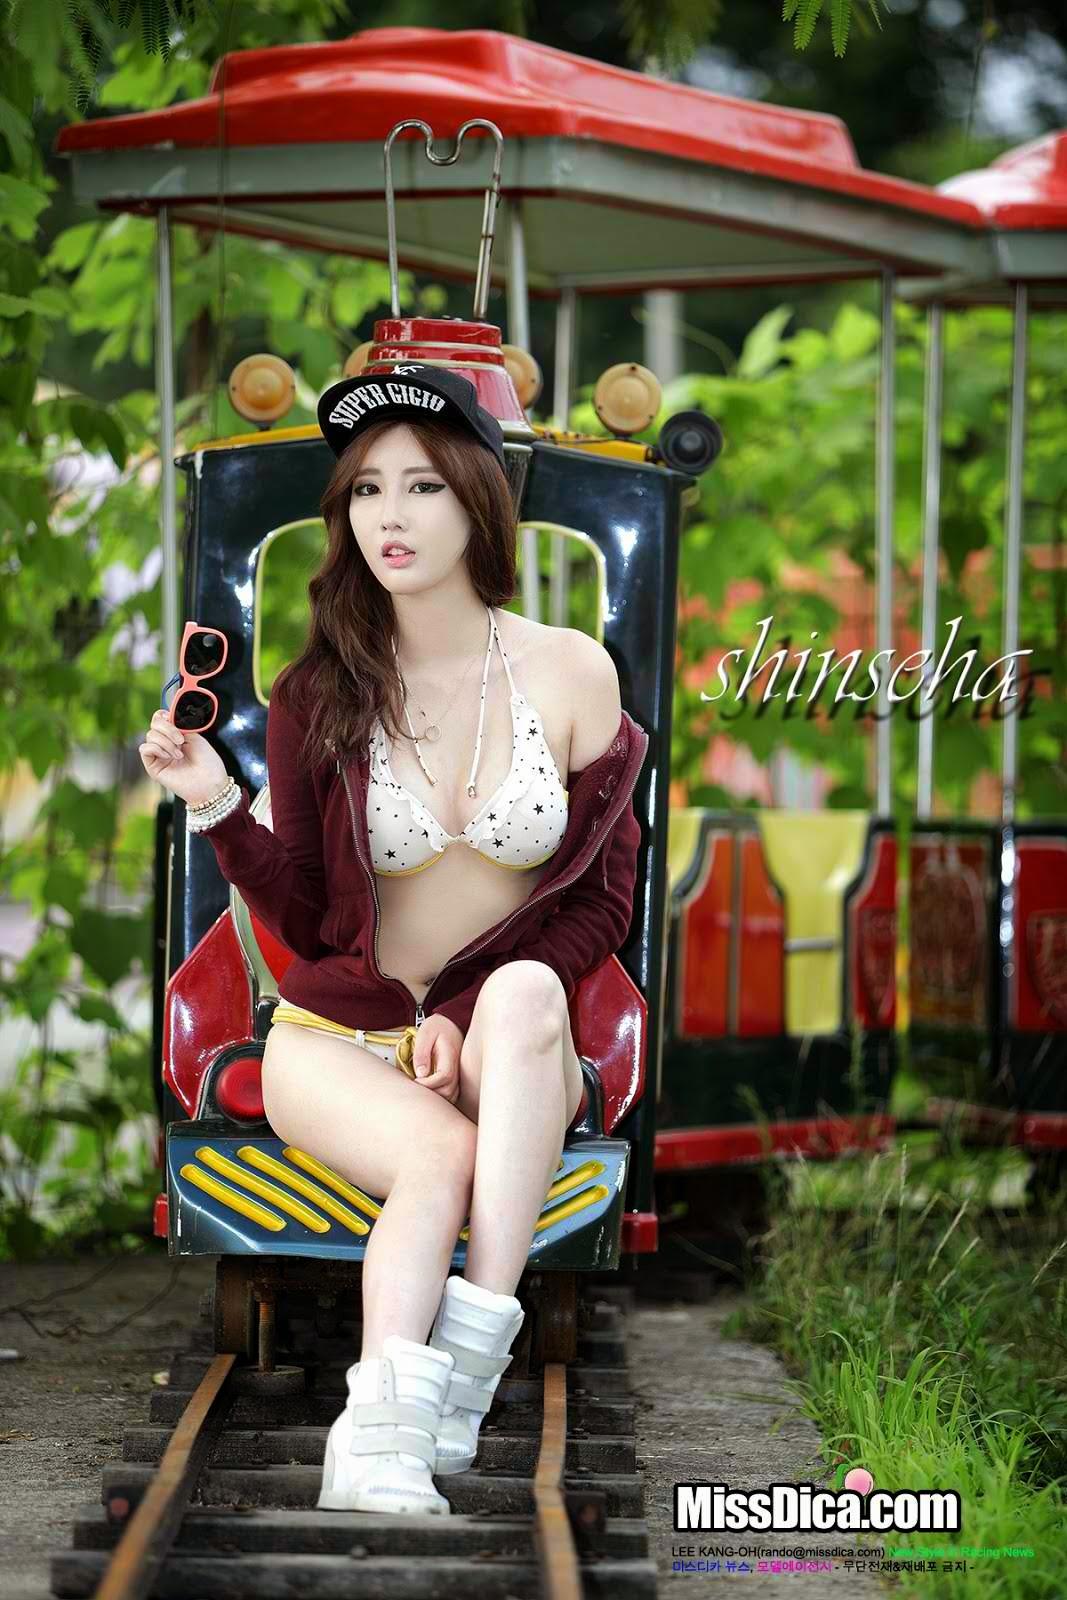 Shin Se-ha photo 002